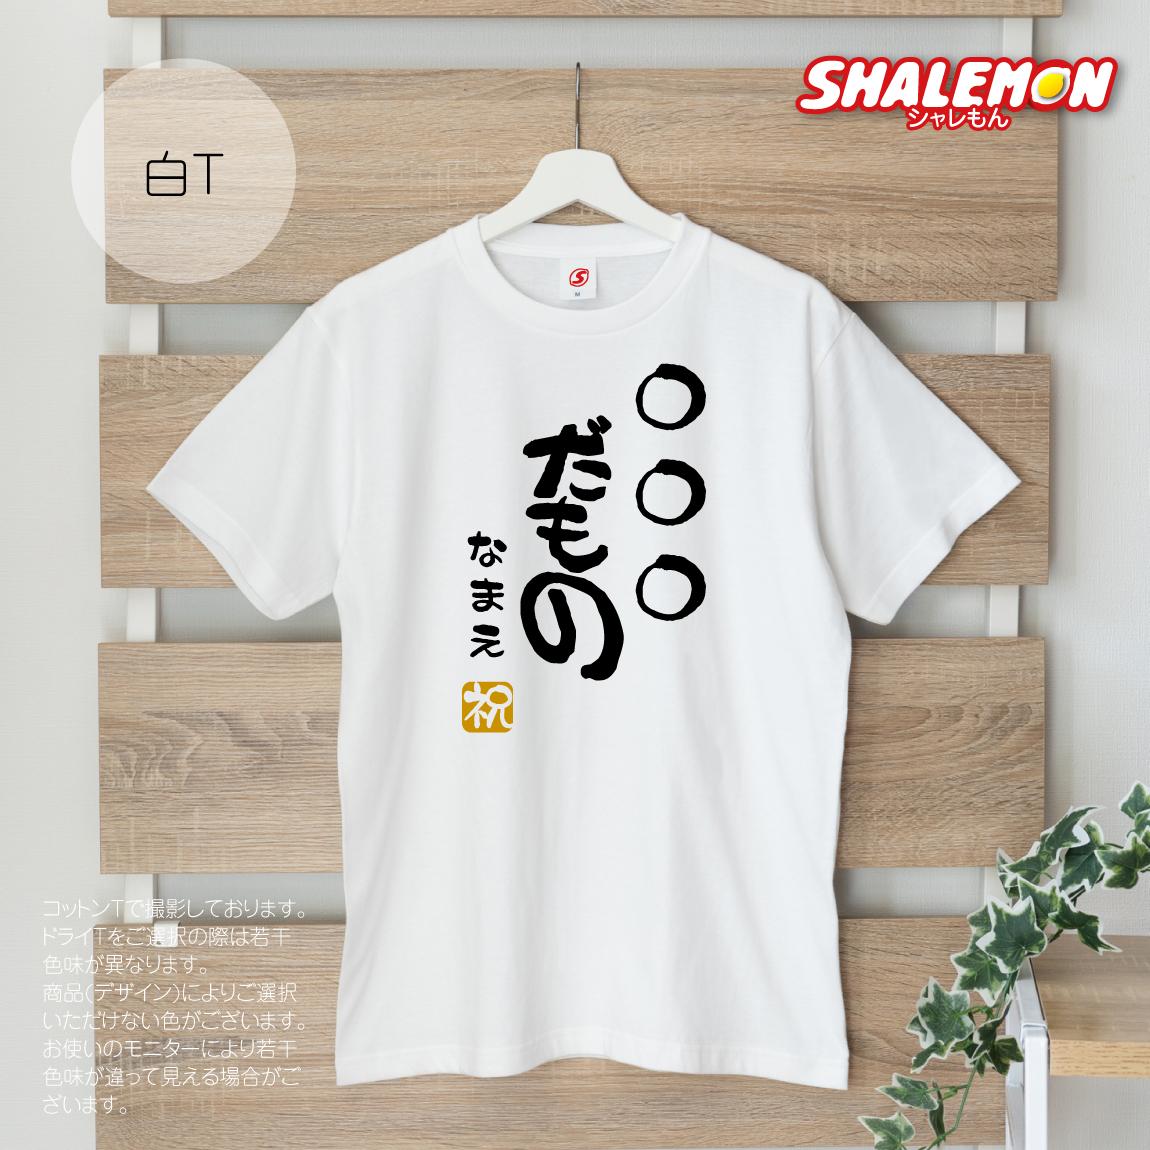 誕生日 プレゼント 男の子 女の子 名入れ  Tシャツ 長男 長女 次男 次女 三男 三女 だもの【白】★D17★